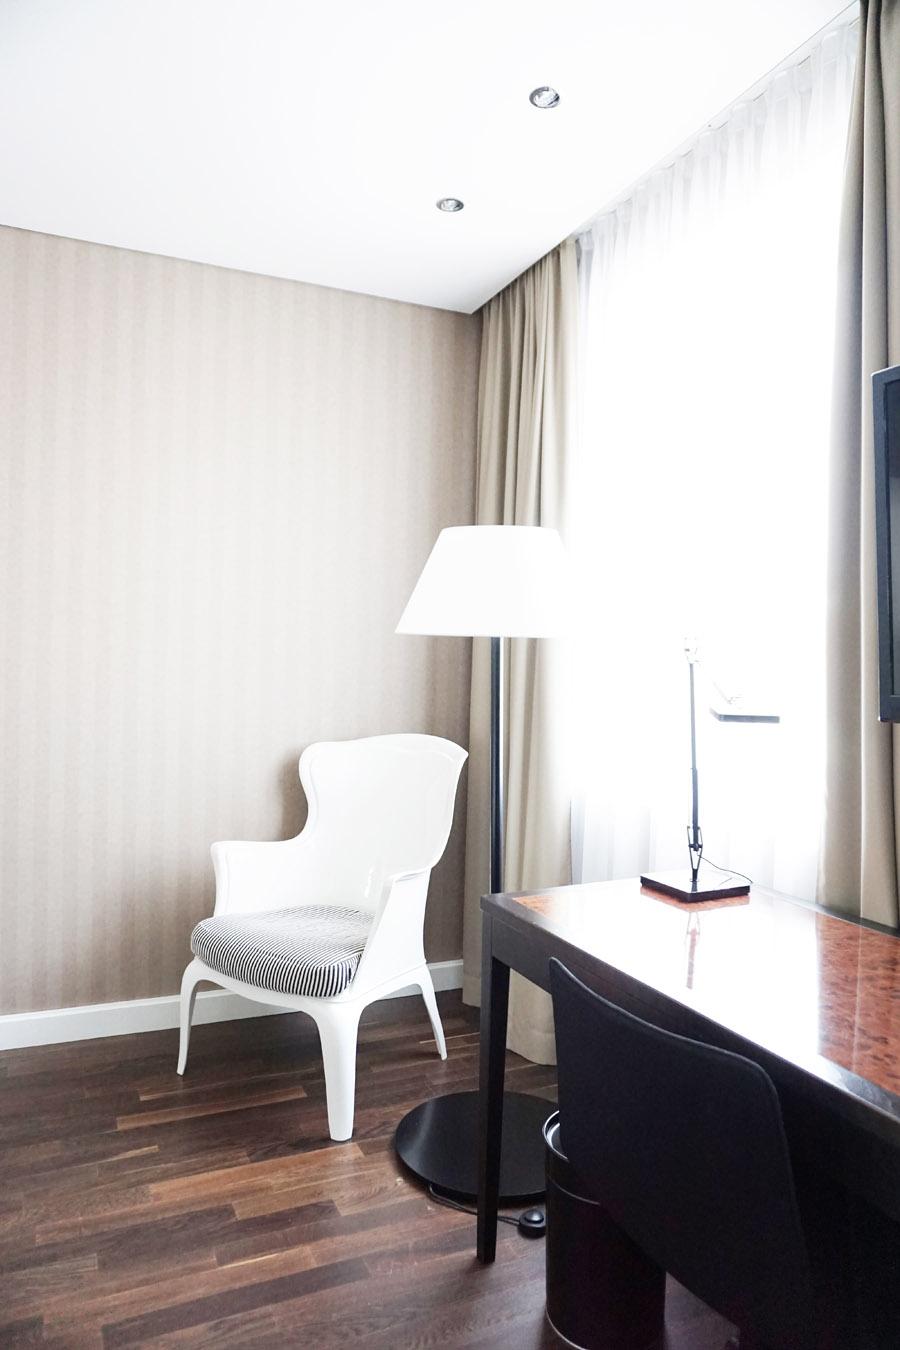 Erfahrung Bewertung Harmonie Hotel Wien 29